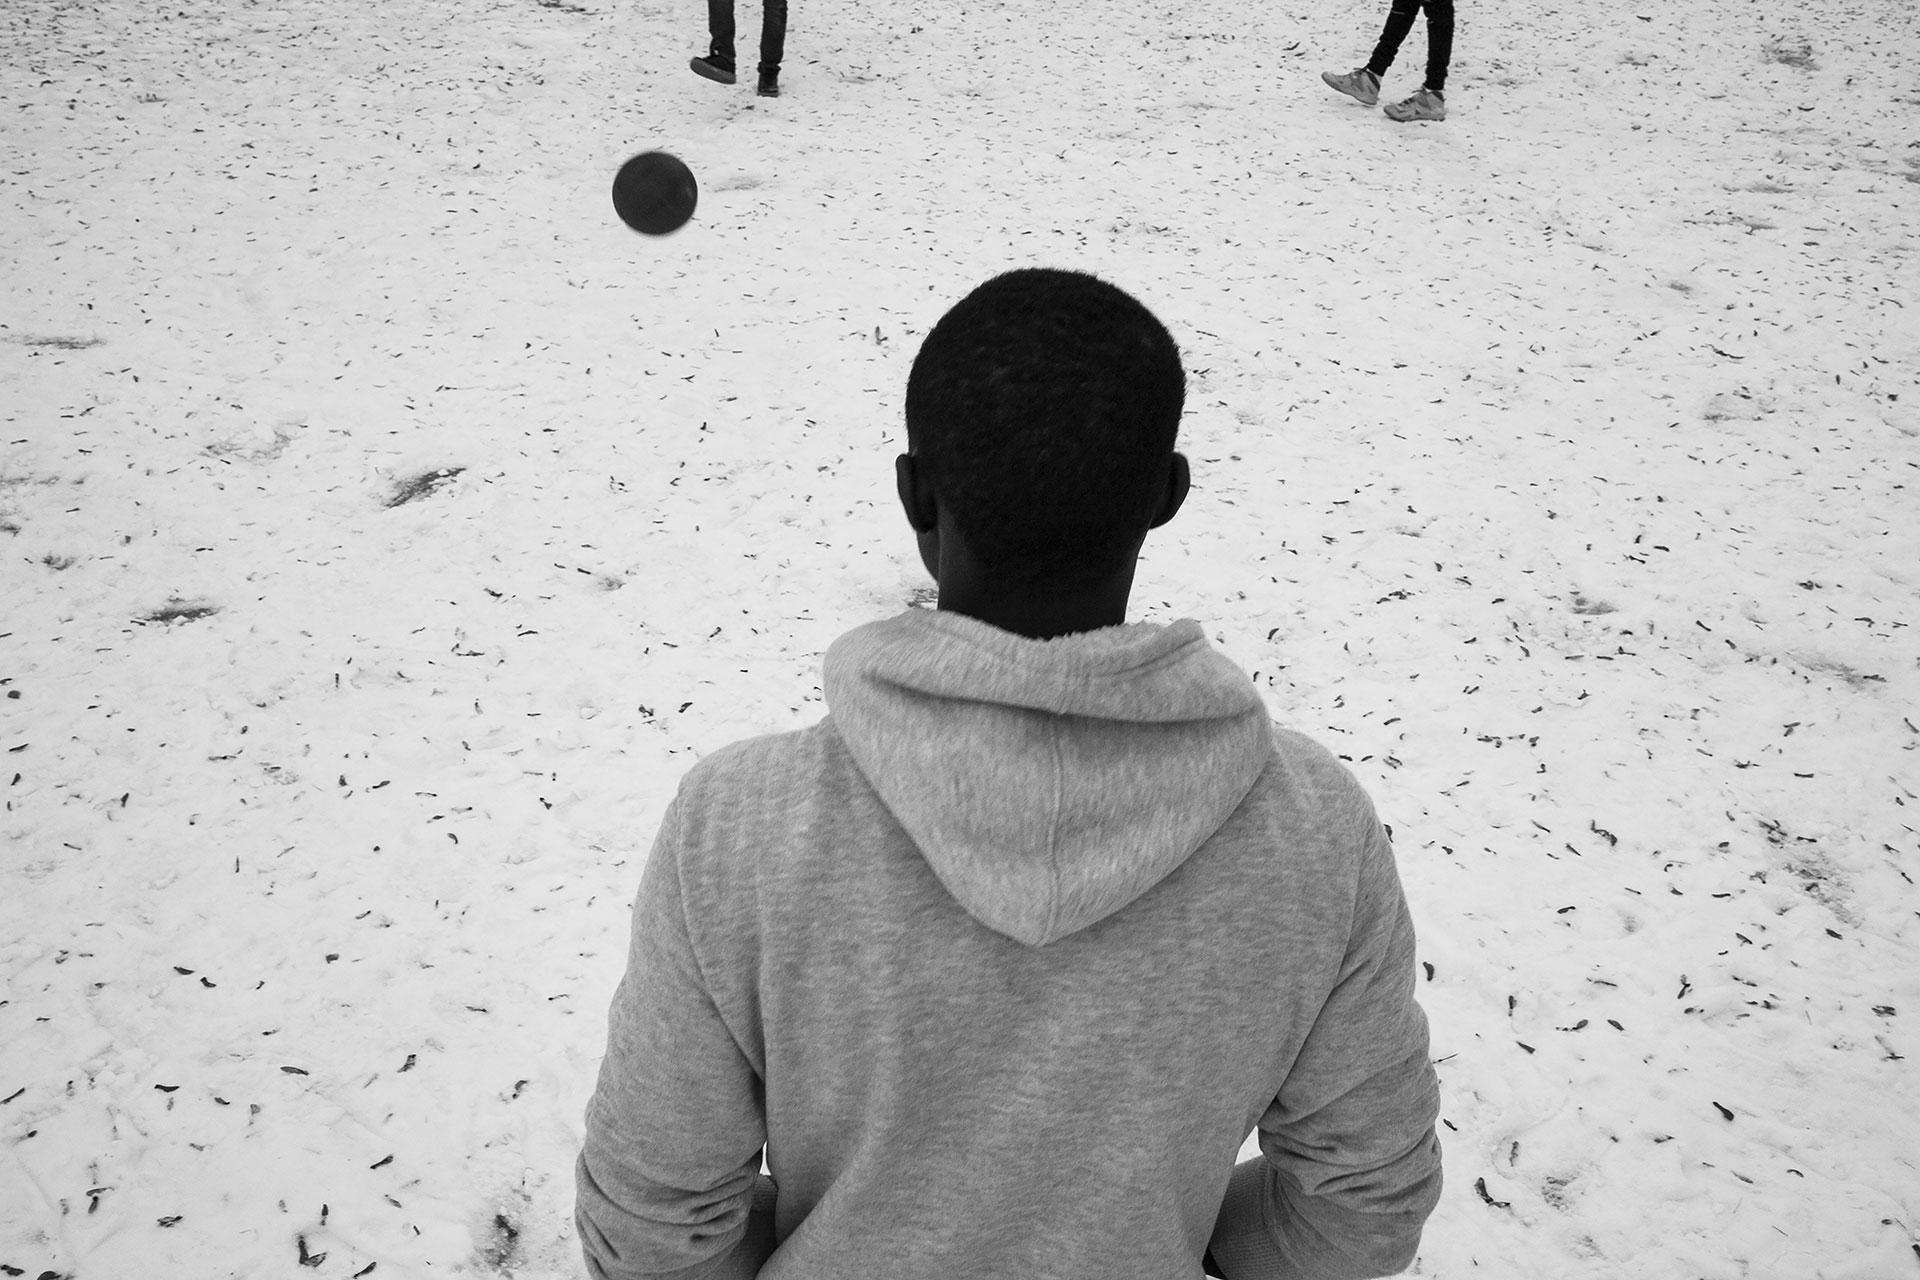 Baba, de Senegal, juega al fútbol con Malick, de Gambia, y Mohammed, de Malí, en un parque cubierto de nieve cercano al centro donde viven. Malick, al igual que otros compañeros, vio la nieve por primera vez durante el invierno de 2017.